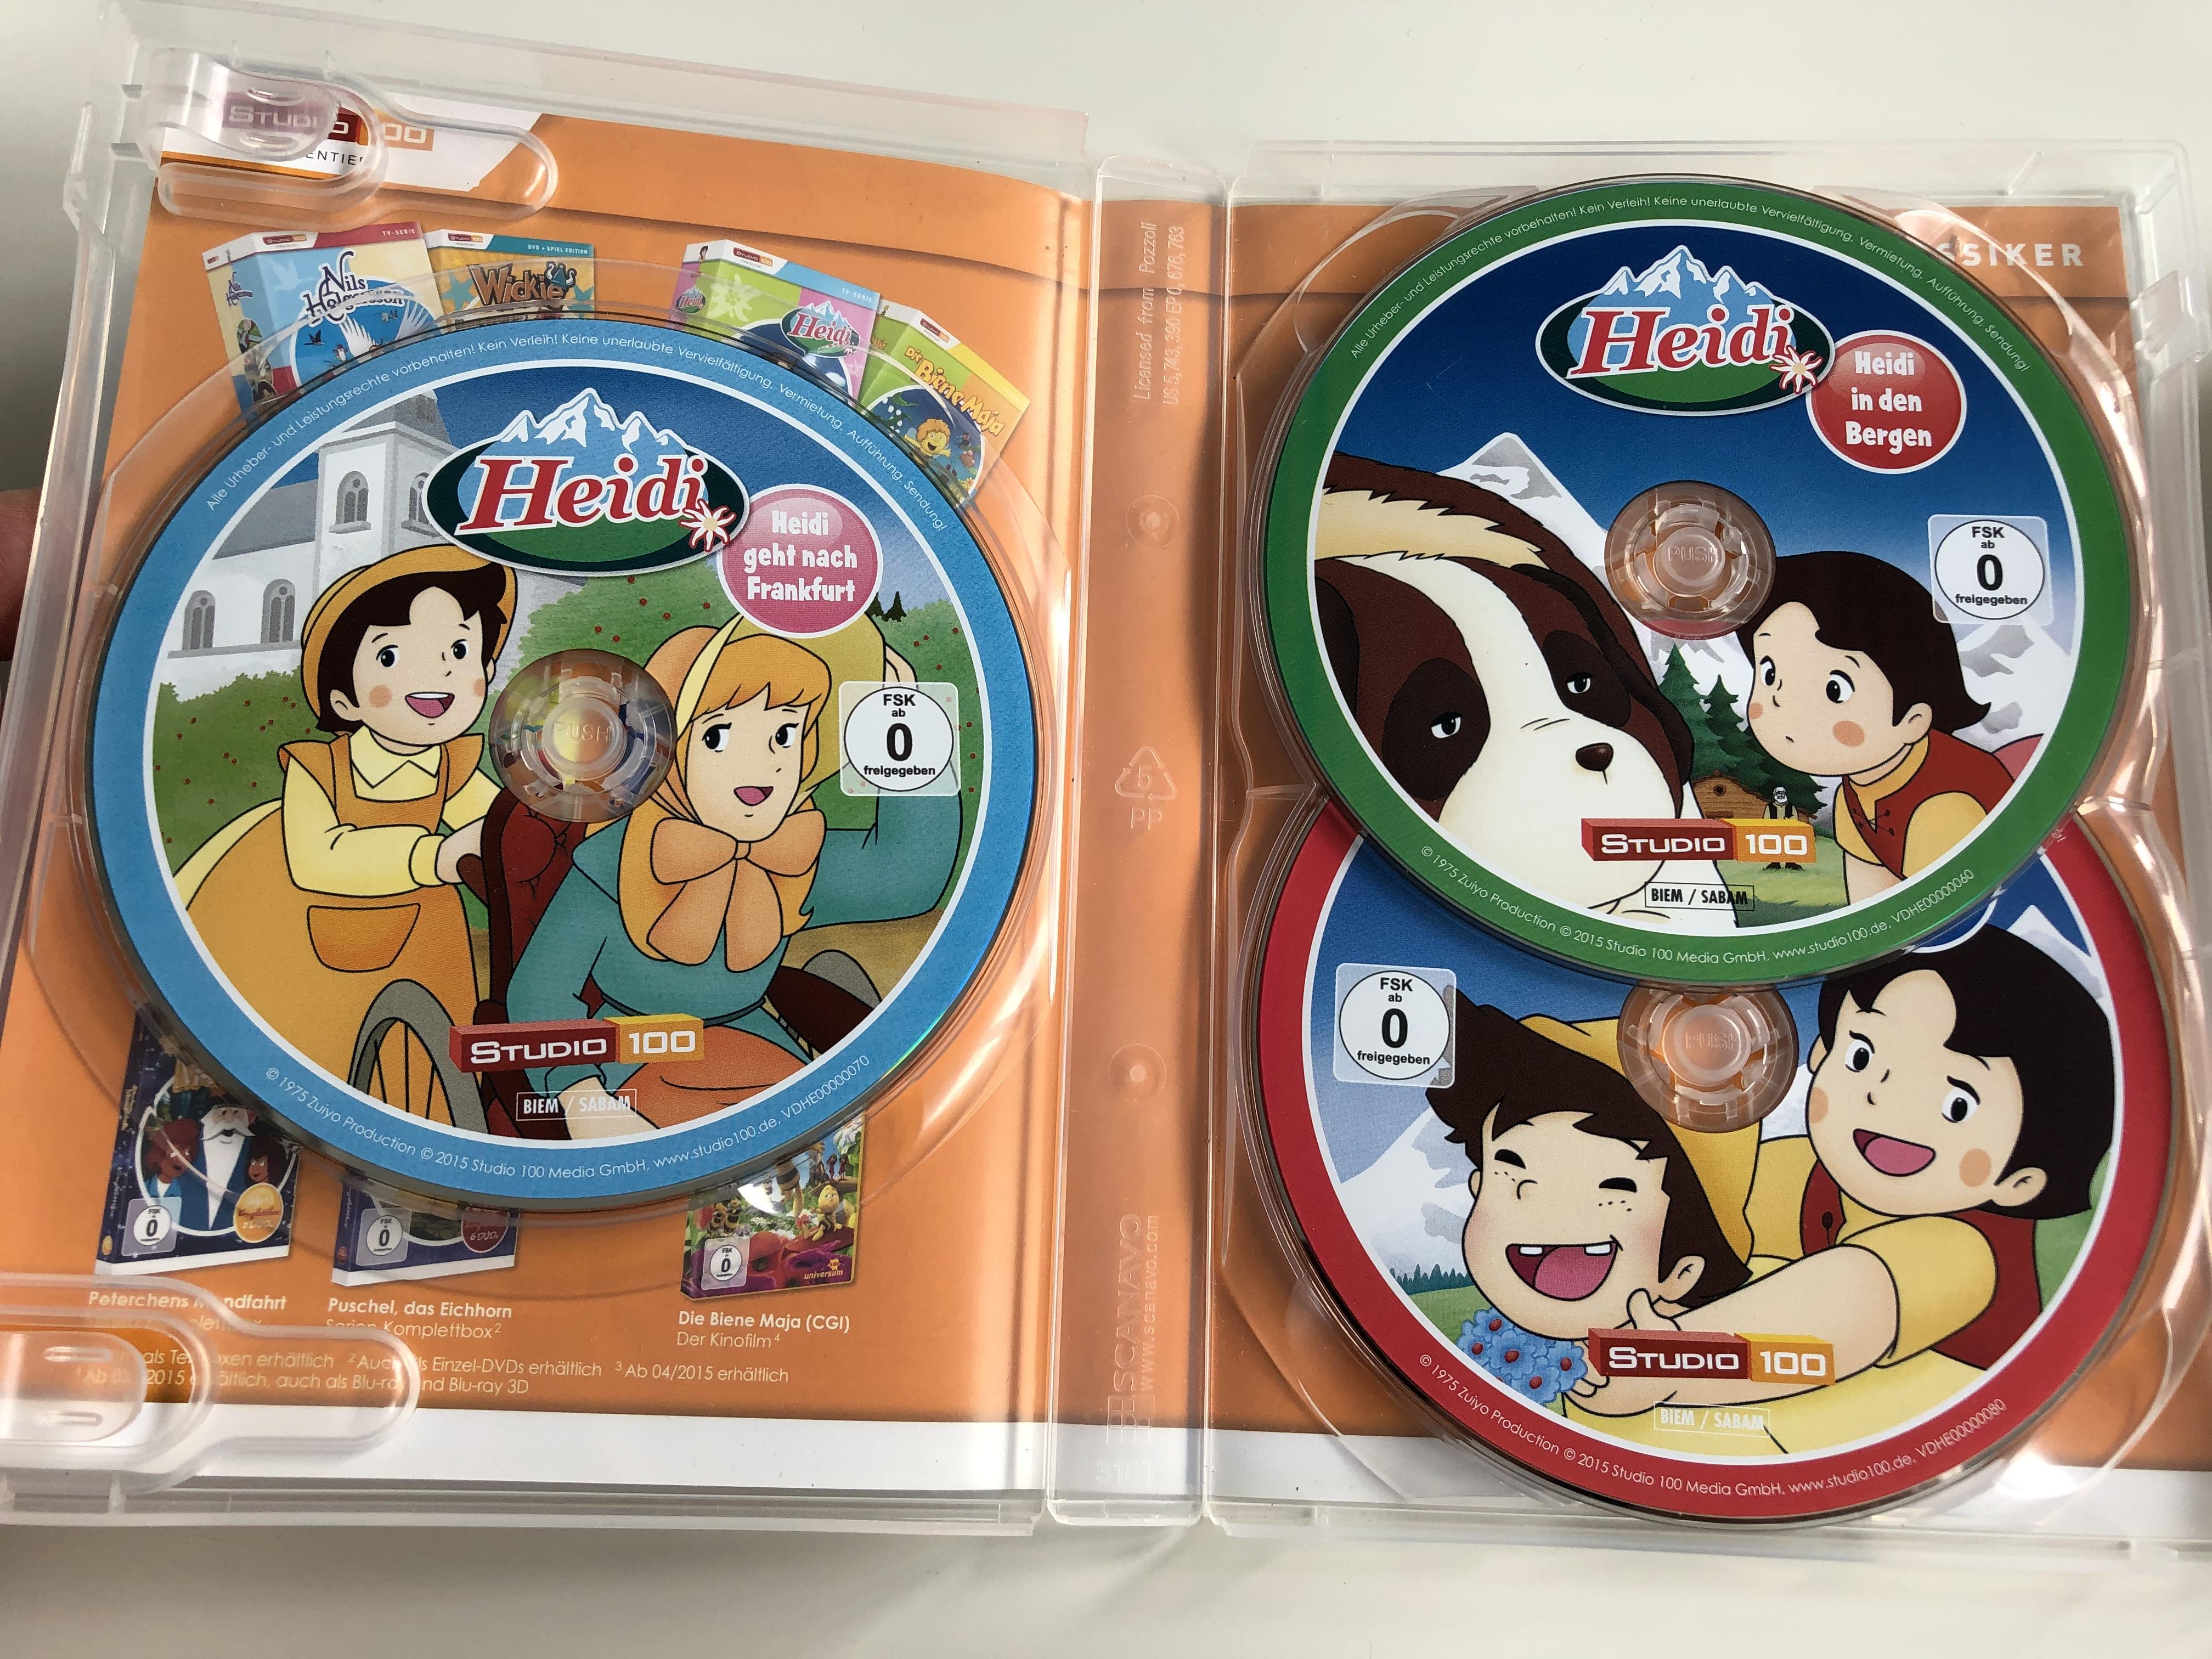 heidi-cartoon-dvd-set-1975-directed-by-isao-takahata-heidi-in-den-bergen-heidi-gecht-nach-frankfurt-heidi-zur-ck-in-den-bergen-kinderfilm-3-dvd-2-.jpg